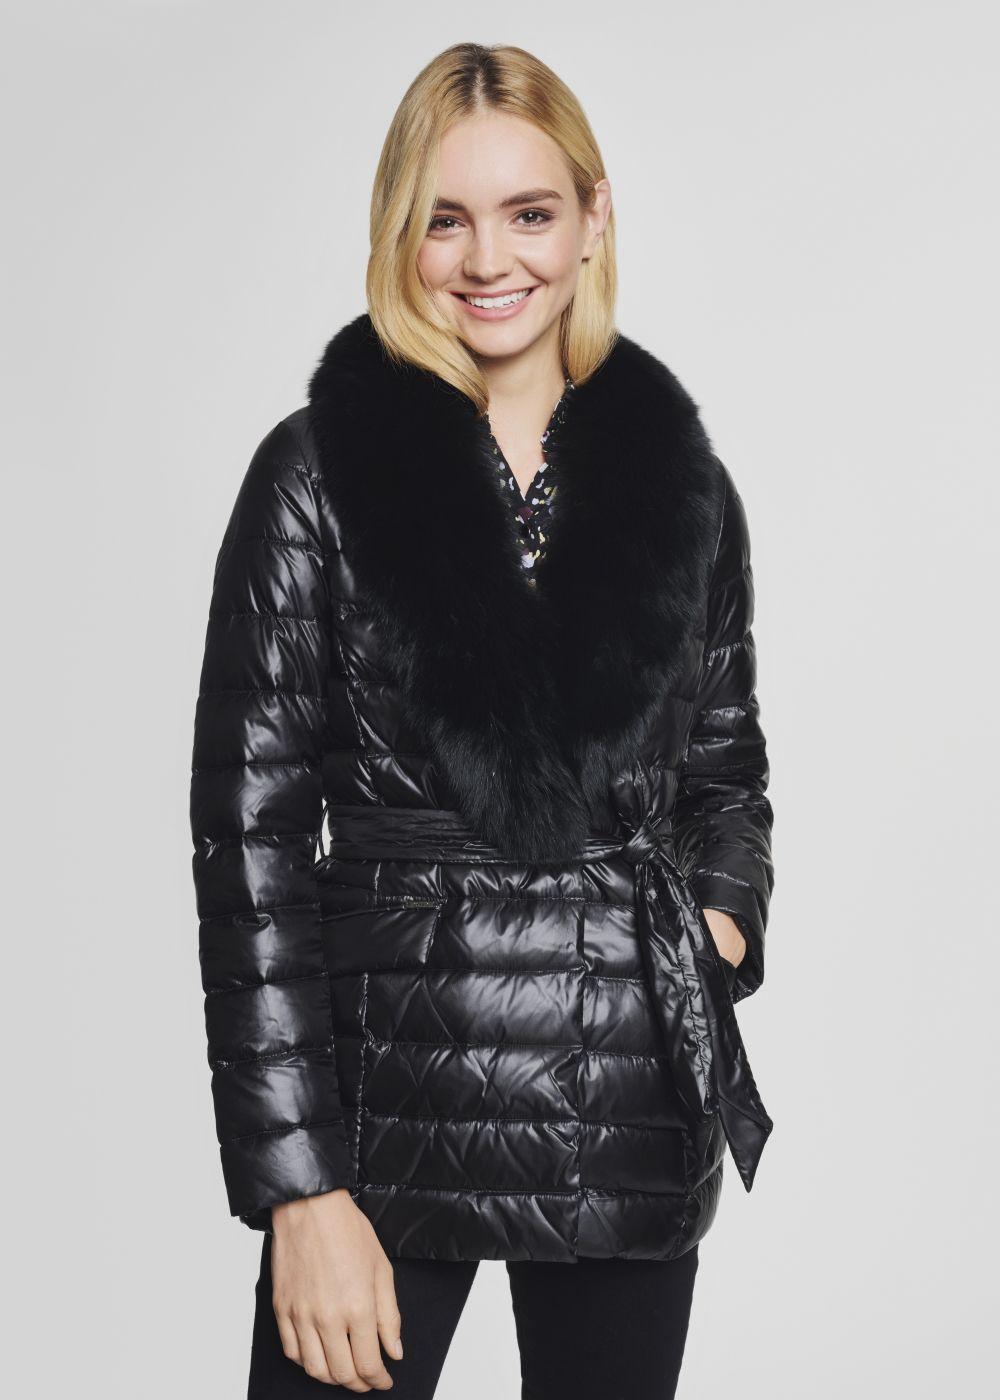 Czarna pikowana kurtka damska z paskiem KURDT-0250-99(Z21)